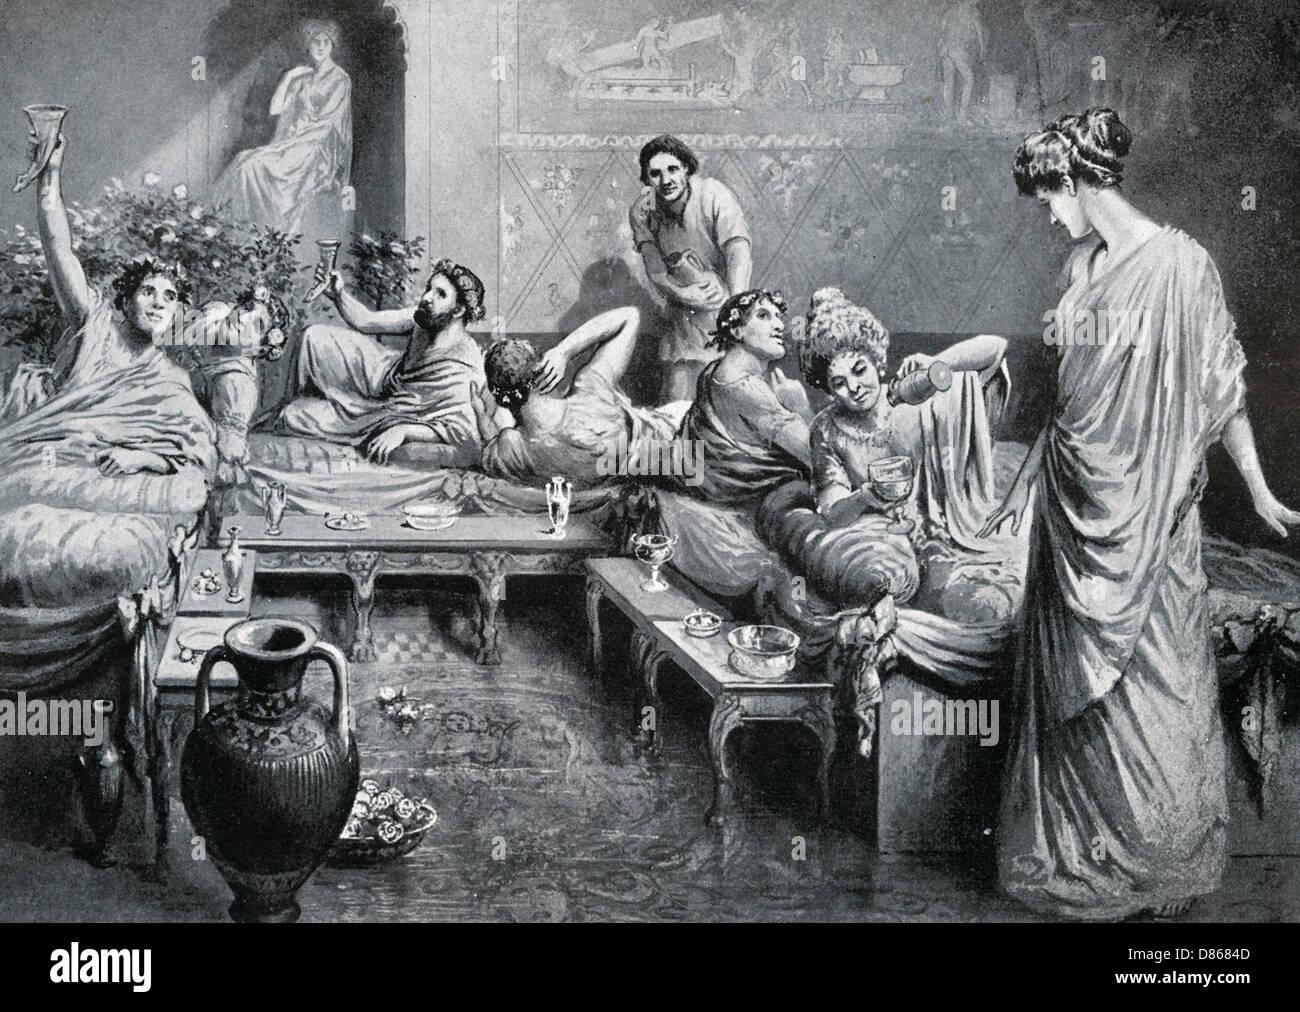 Romans In Britain - Stock Image